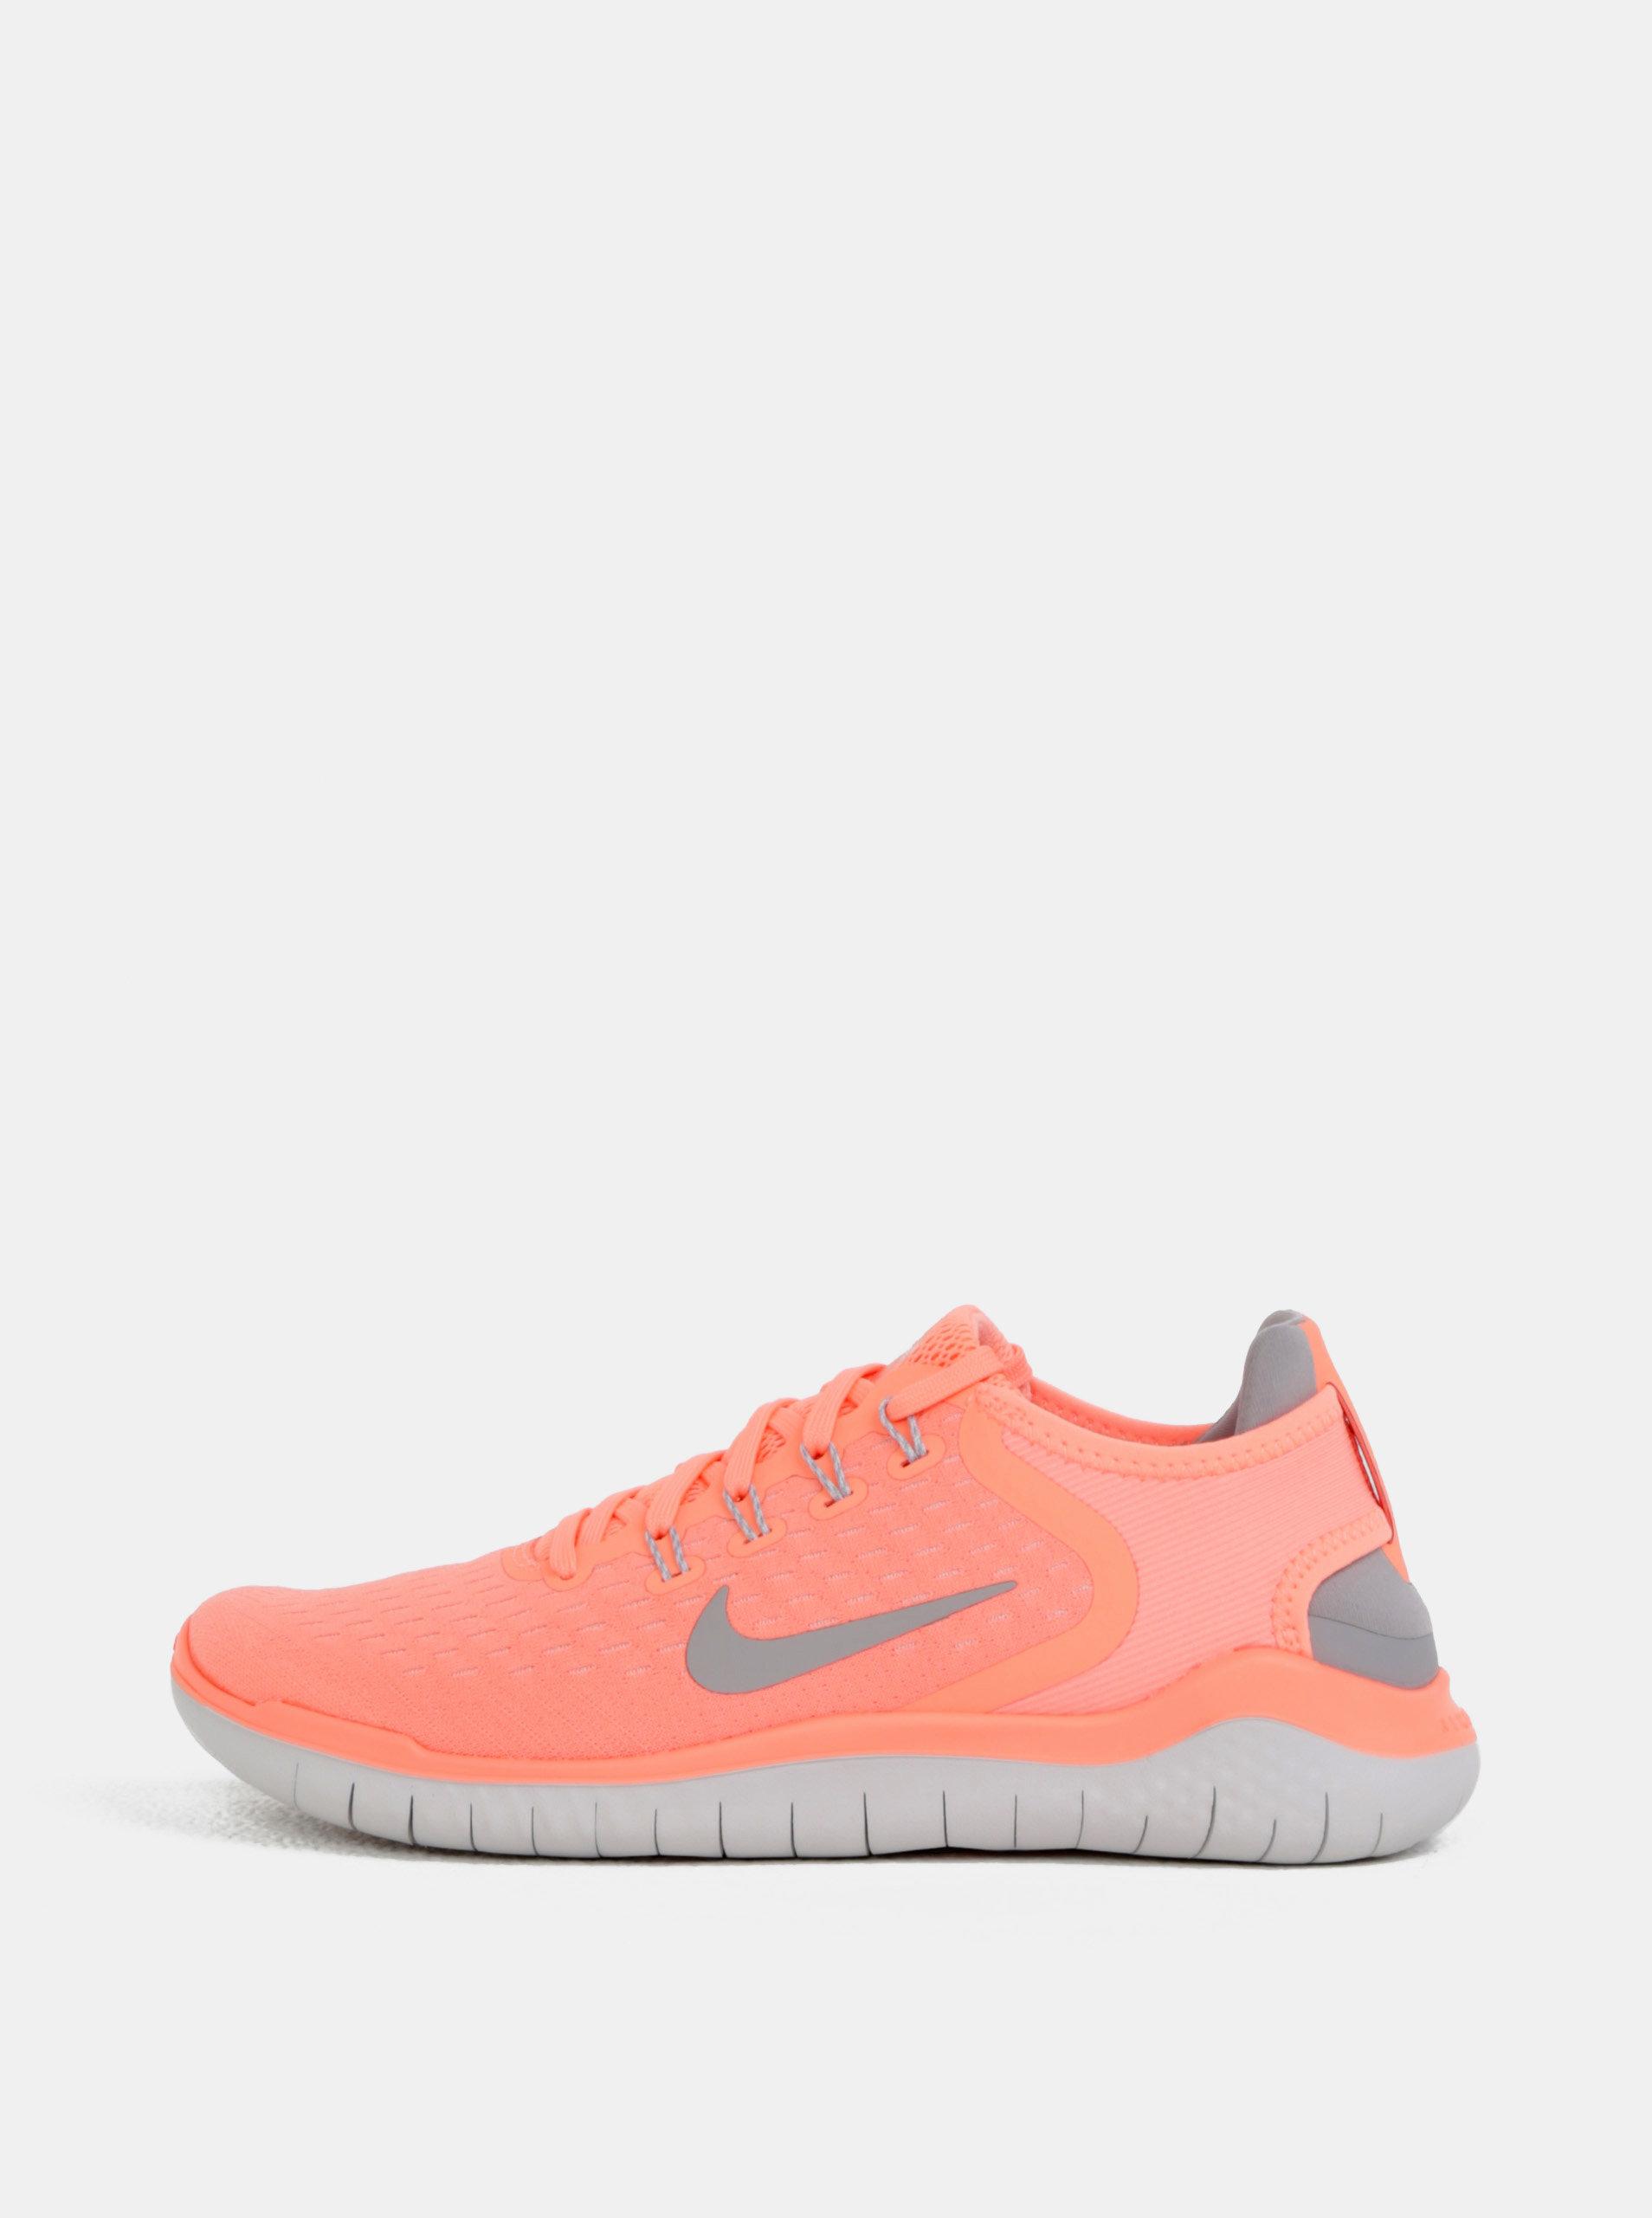 Neonově oranžové dámské tenisky Nike Free RN 2018 ... 2bfcedc6ad